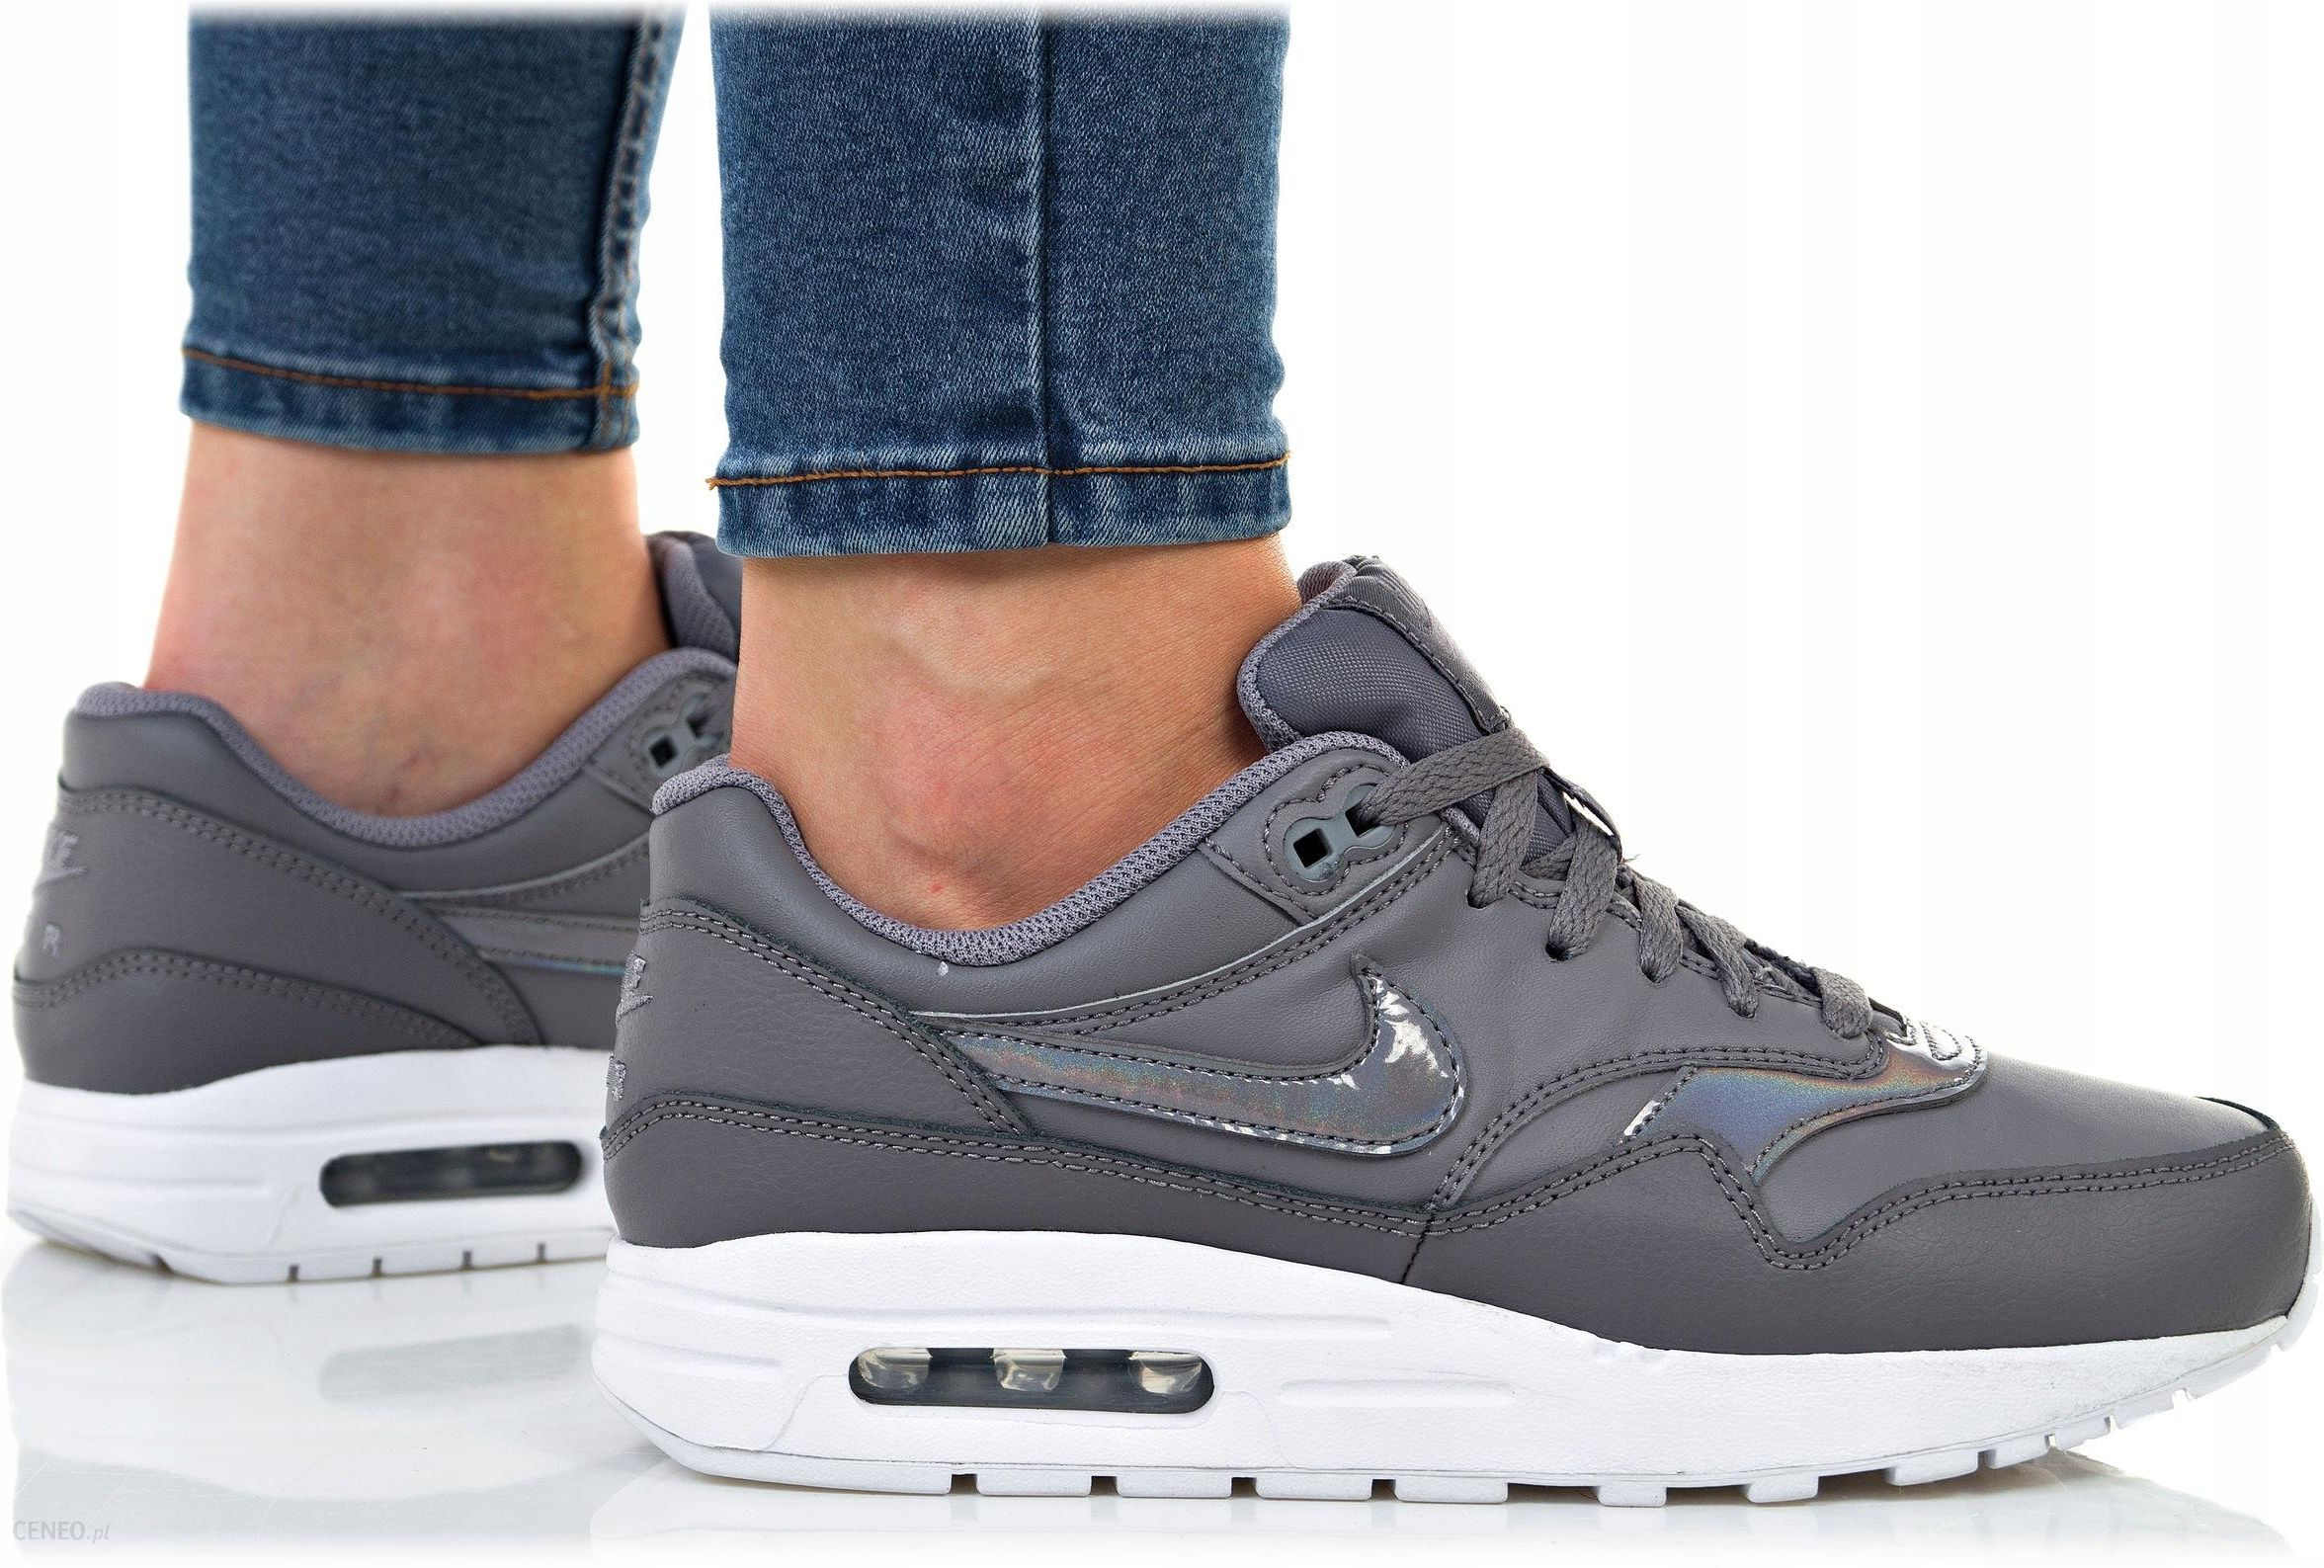 Buty Nike Damskie Air Max 1 (gs) 807605 001 Szare Ceny i opinie Ceneo.pl